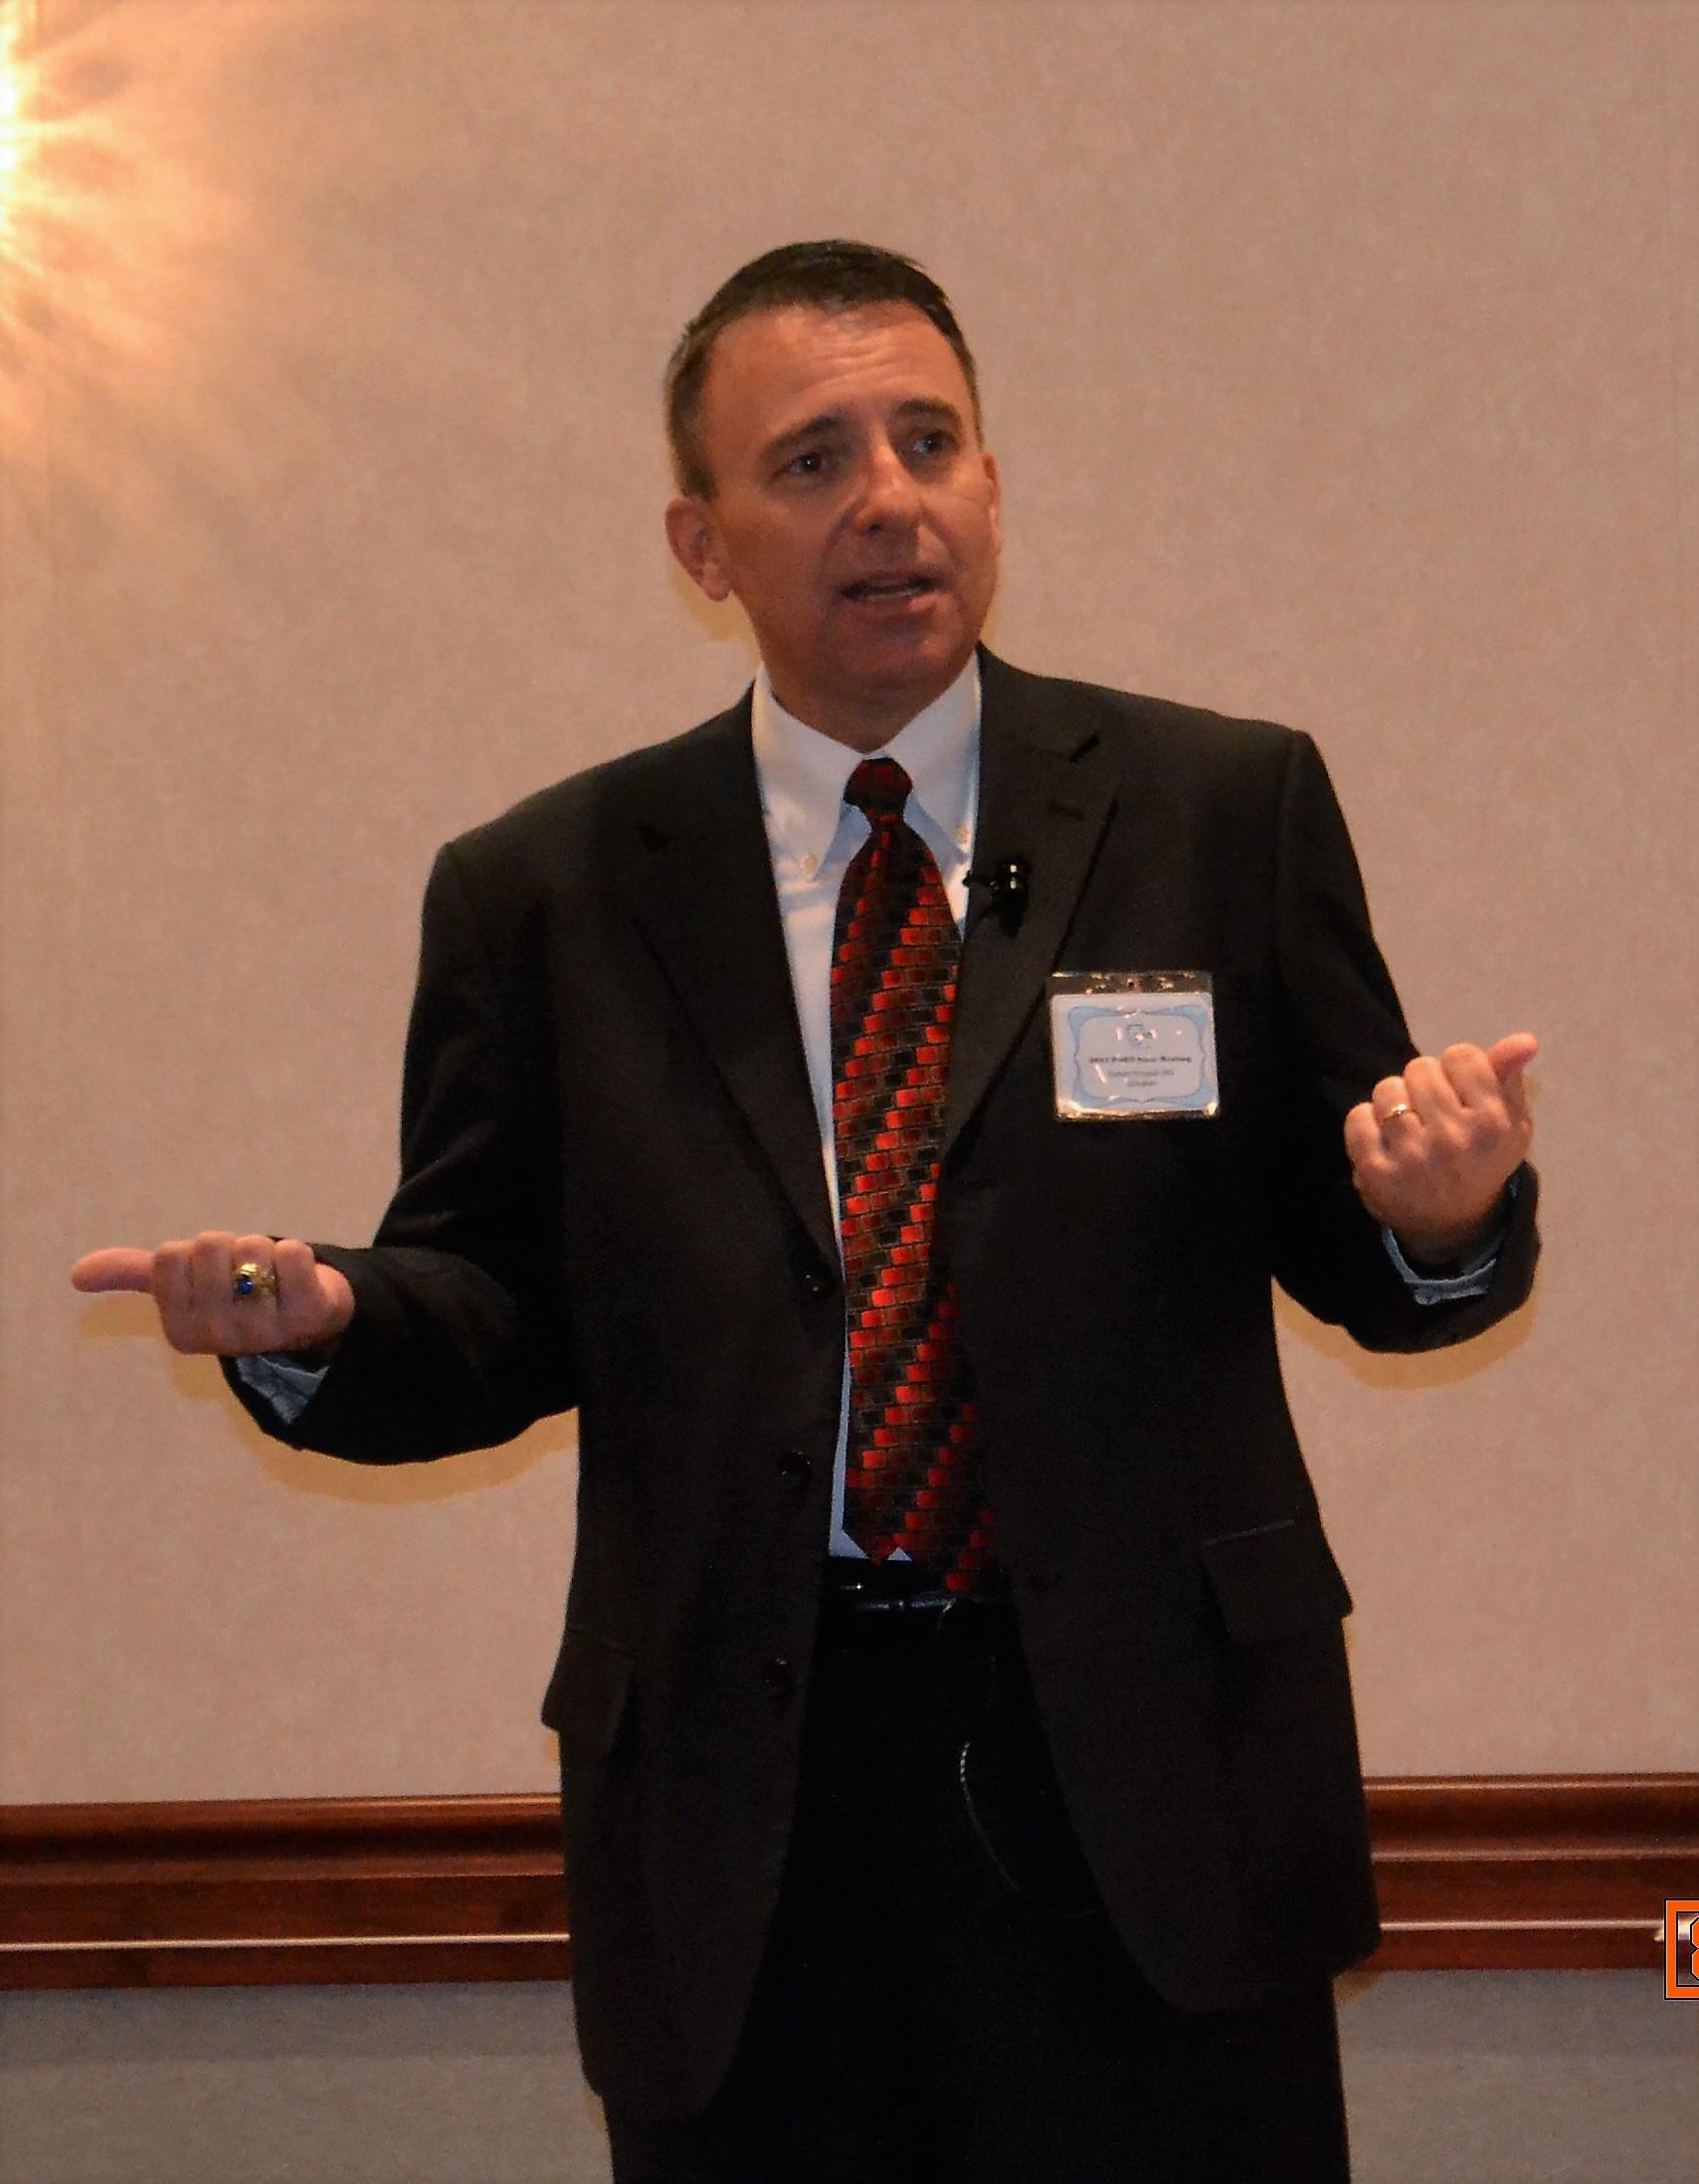 Speaker Robert Yonash